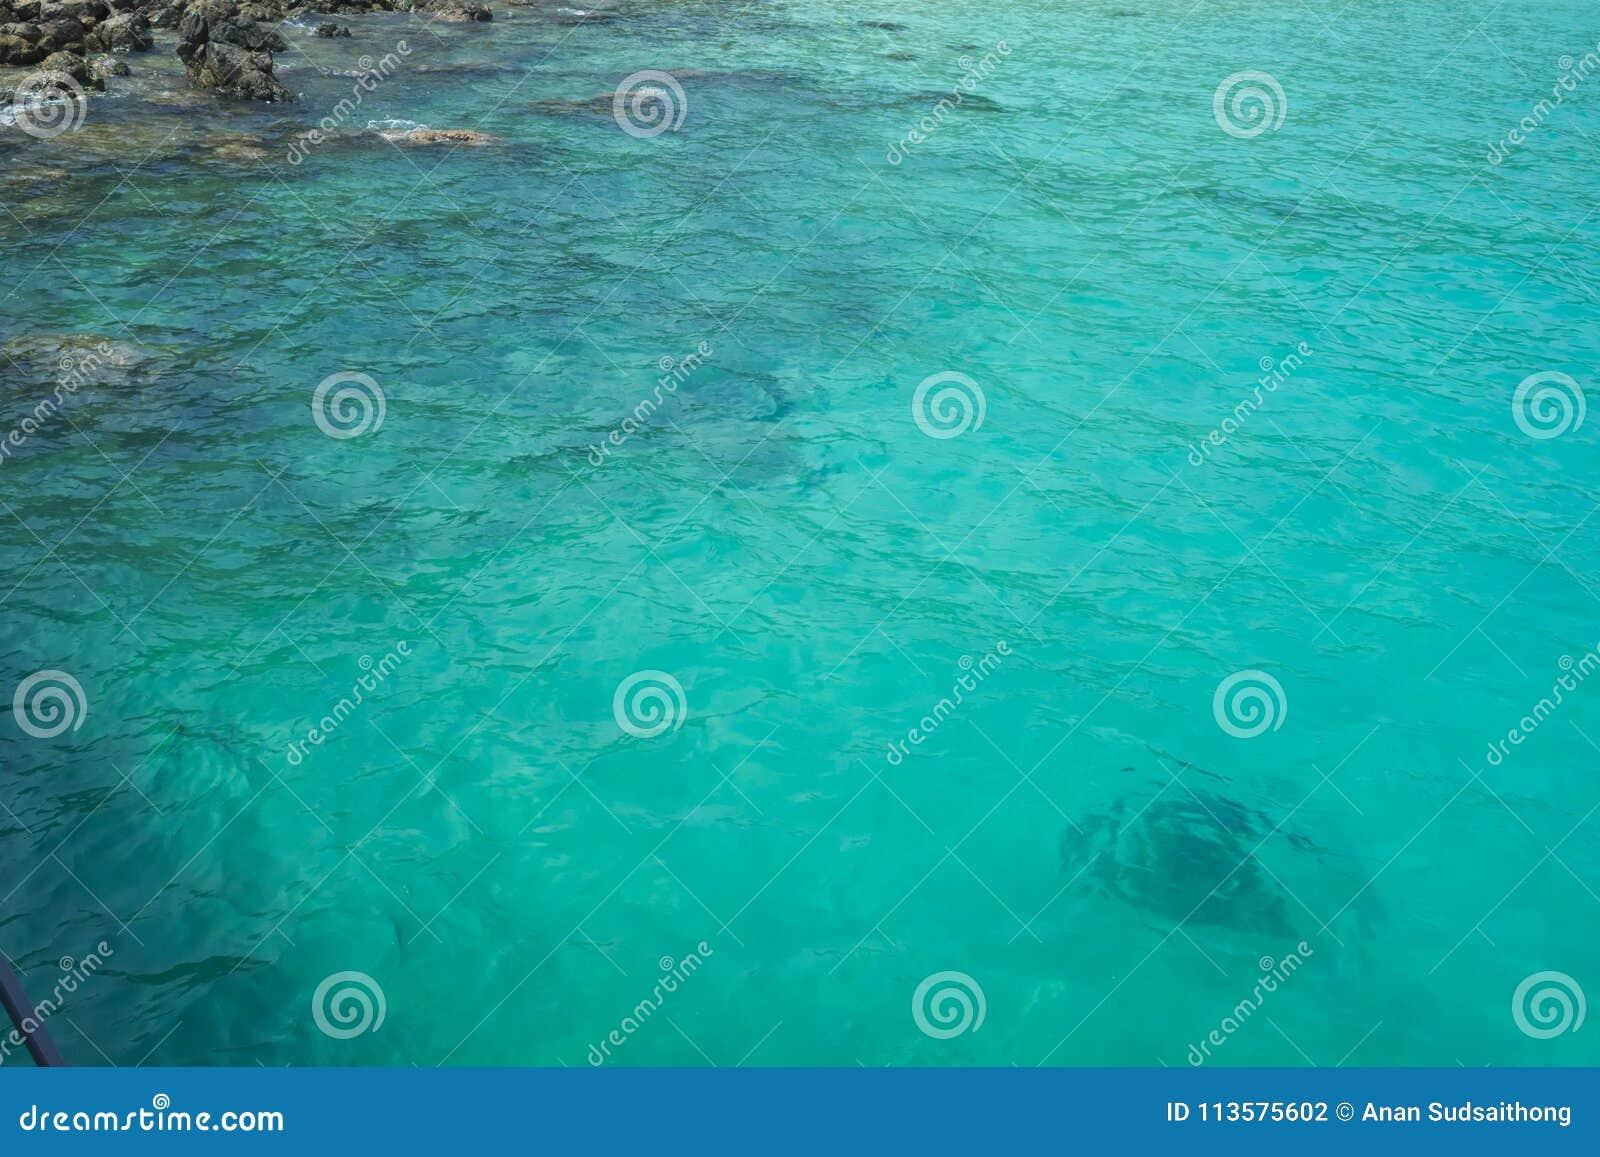 Piękna turkus zieleni woda morska Idylliczny seascape tło